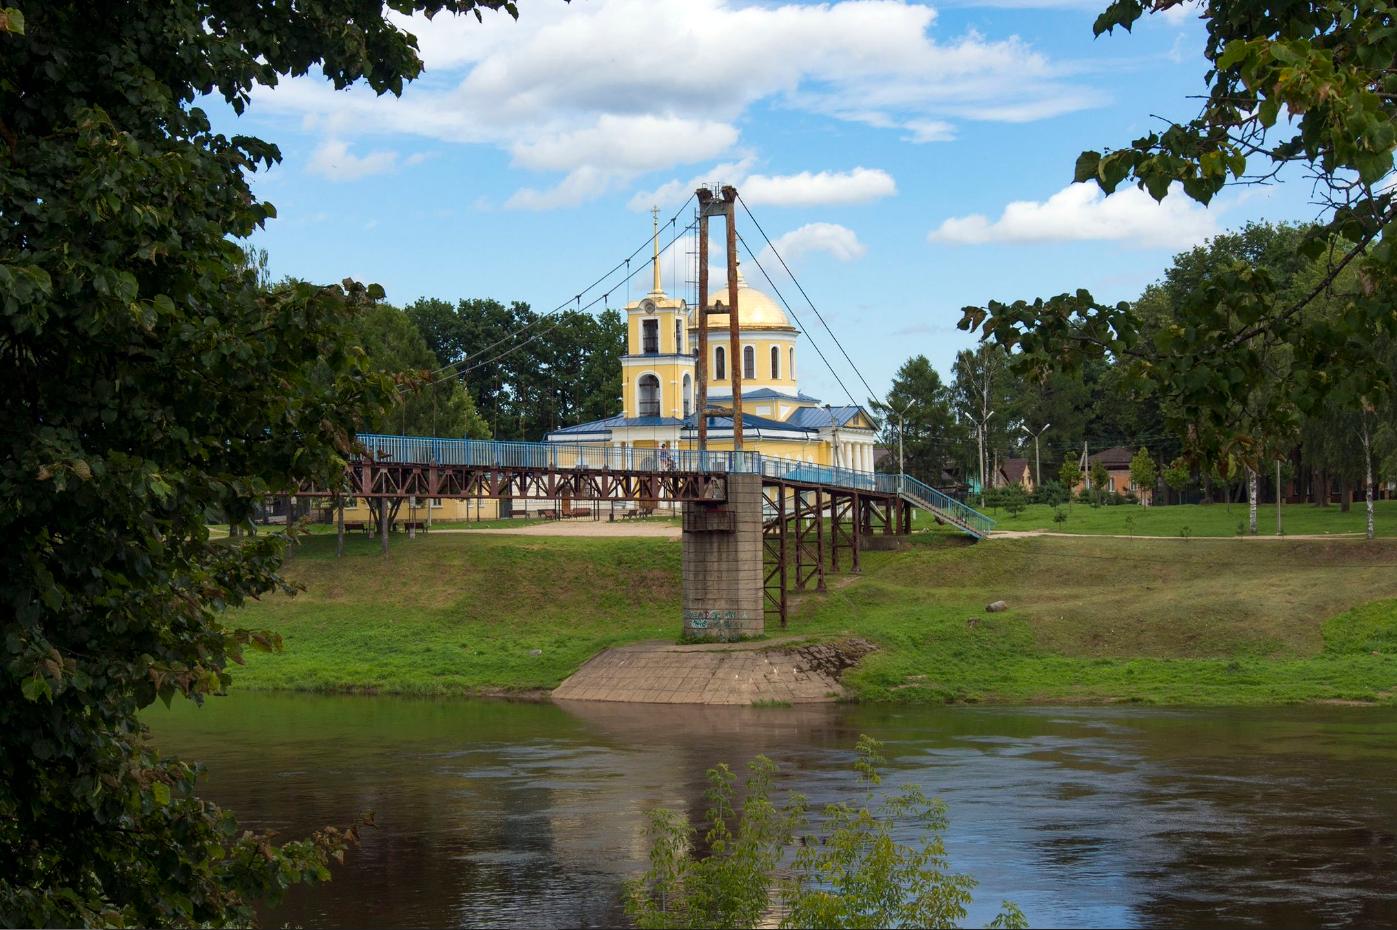 805-летие отмечает один из древнейших городов Тверской области